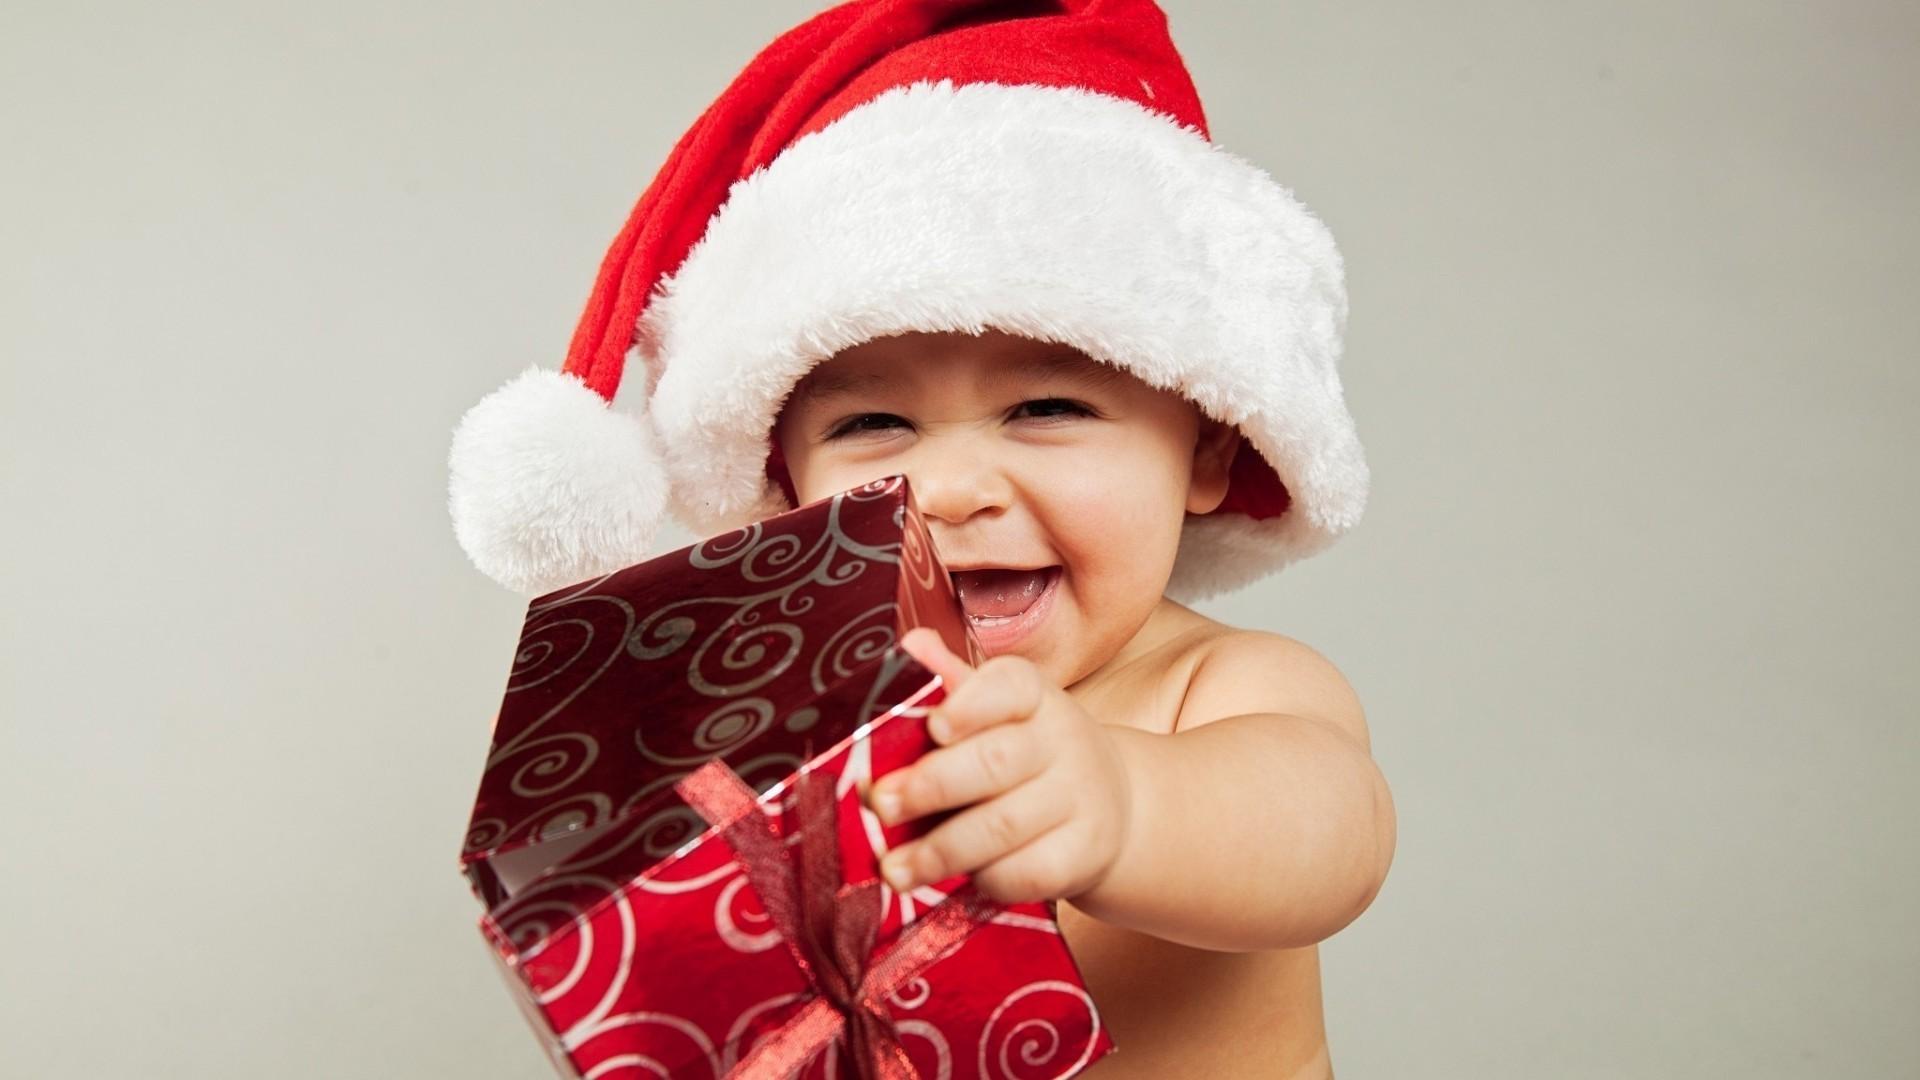 Новогоднее фото ребенка с подарком